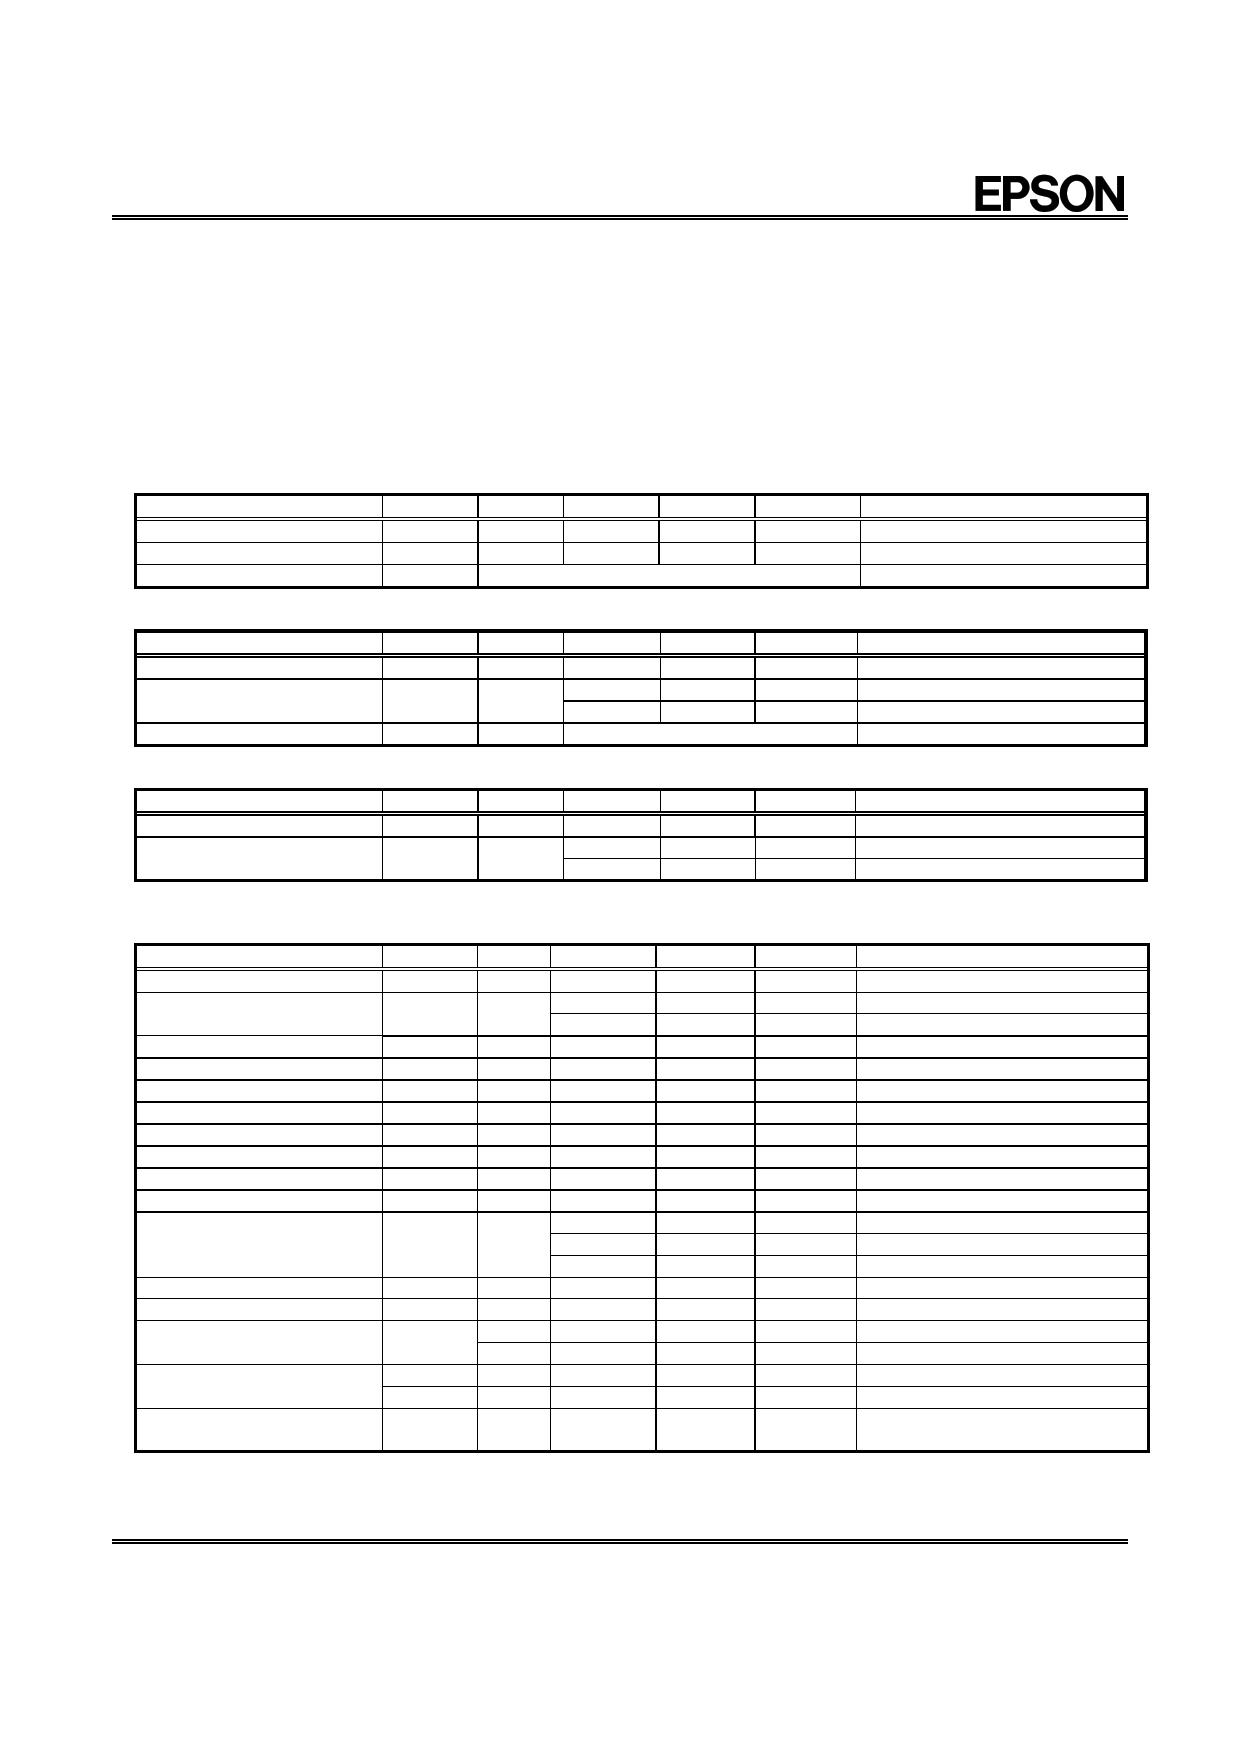 EPSON_EG-2121 دیتاشیت PDF